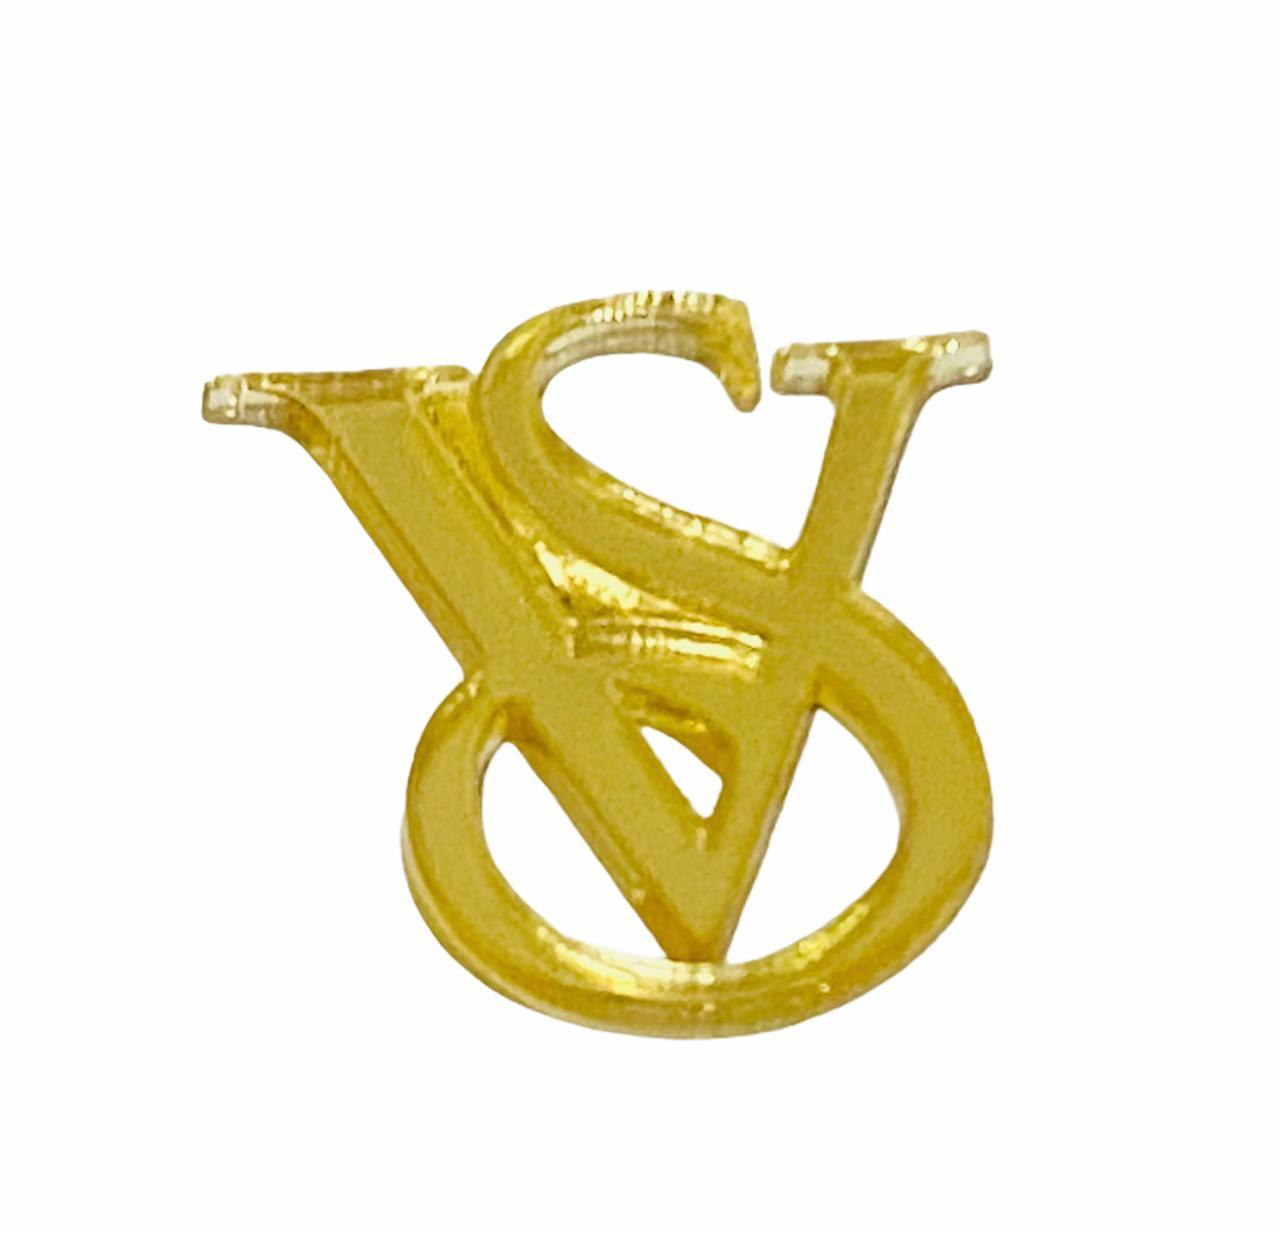 Aplique de Acrilico Dourado - Grife